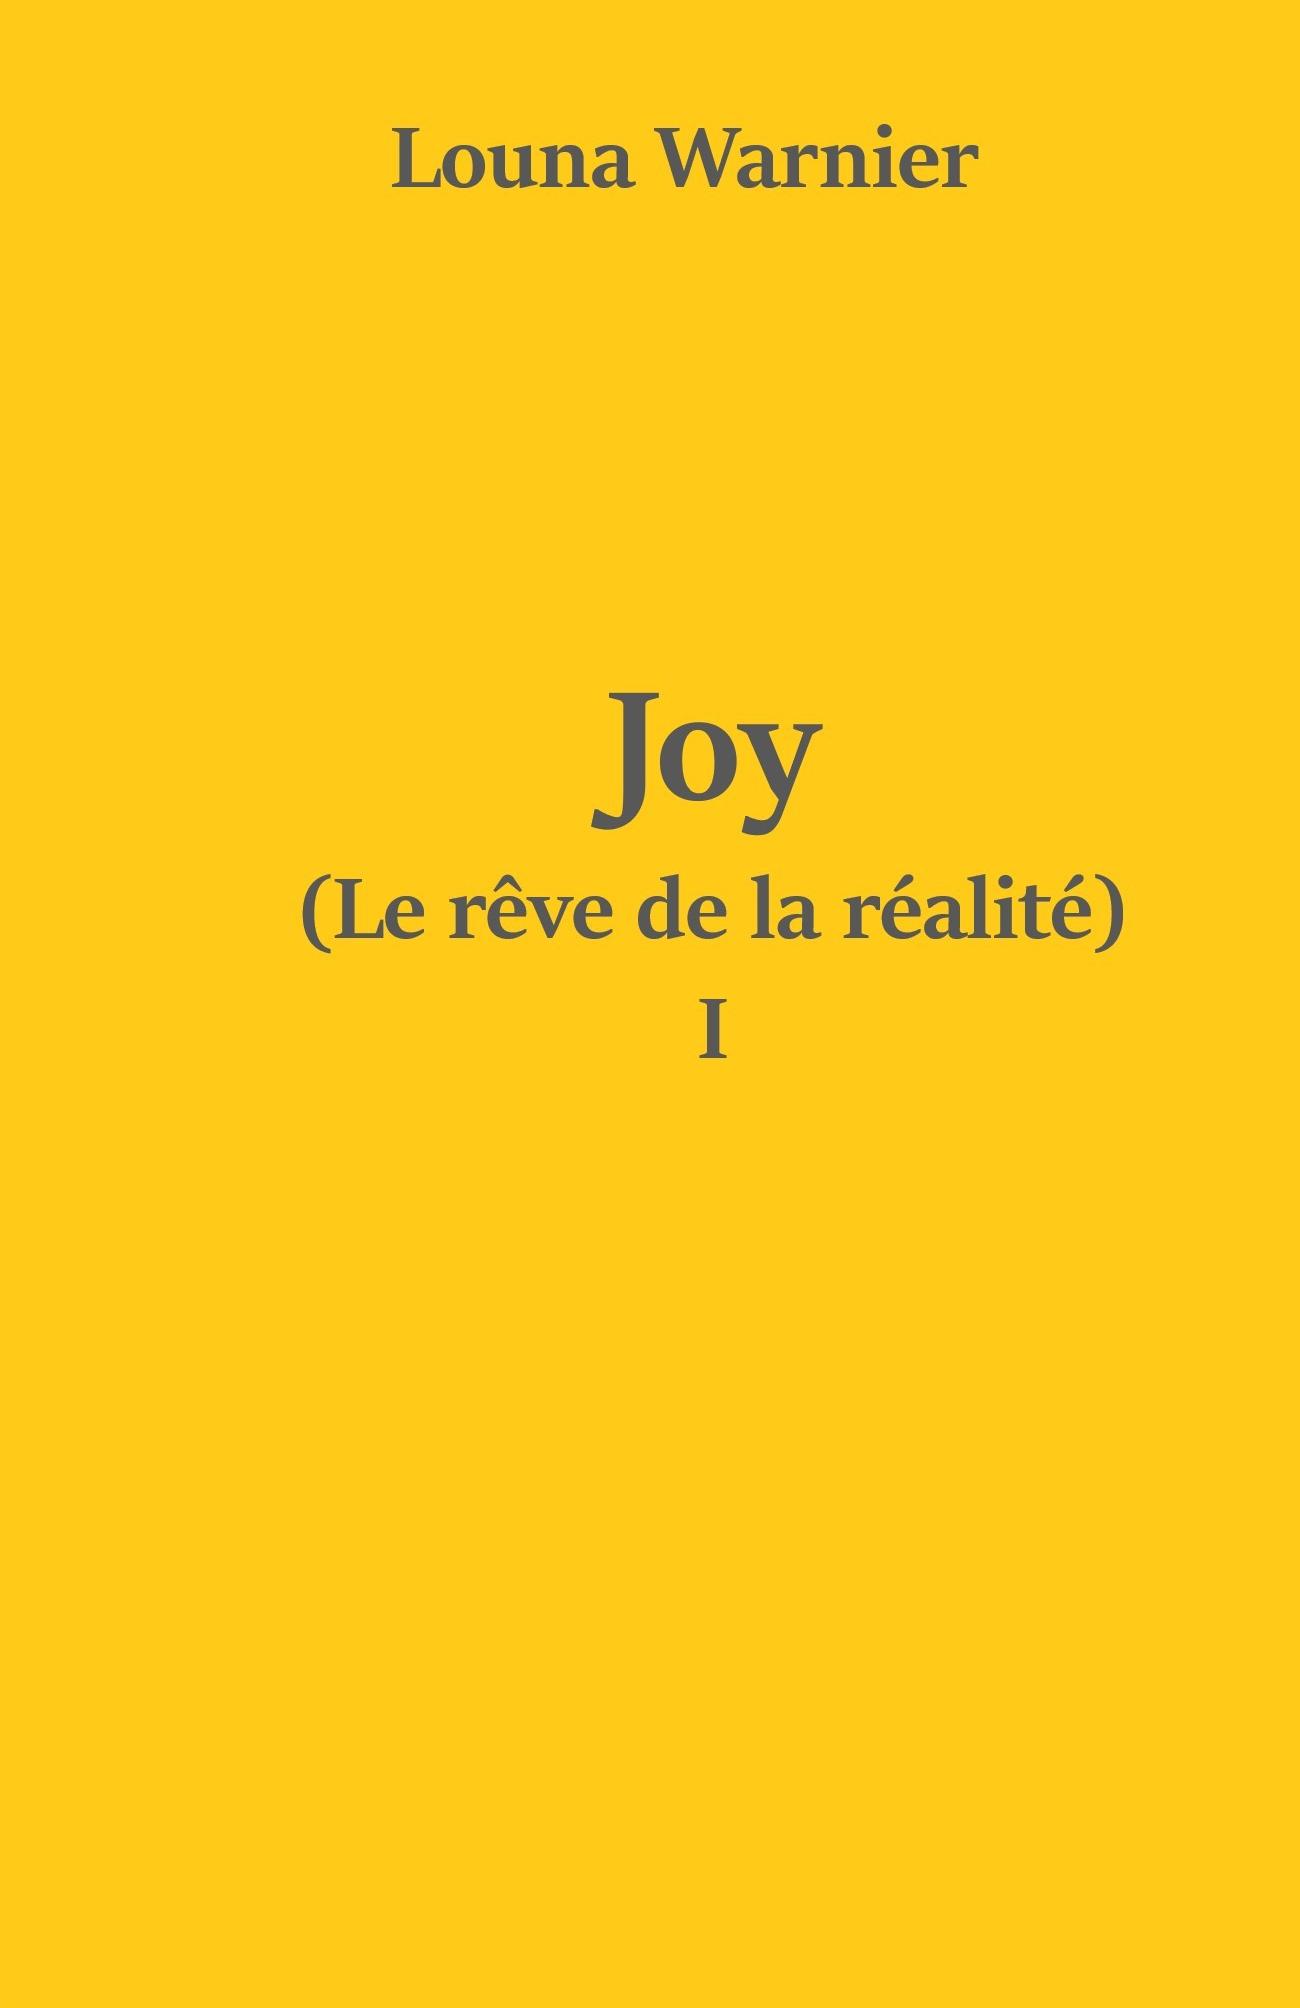 Joy (le rêve de la réalité)